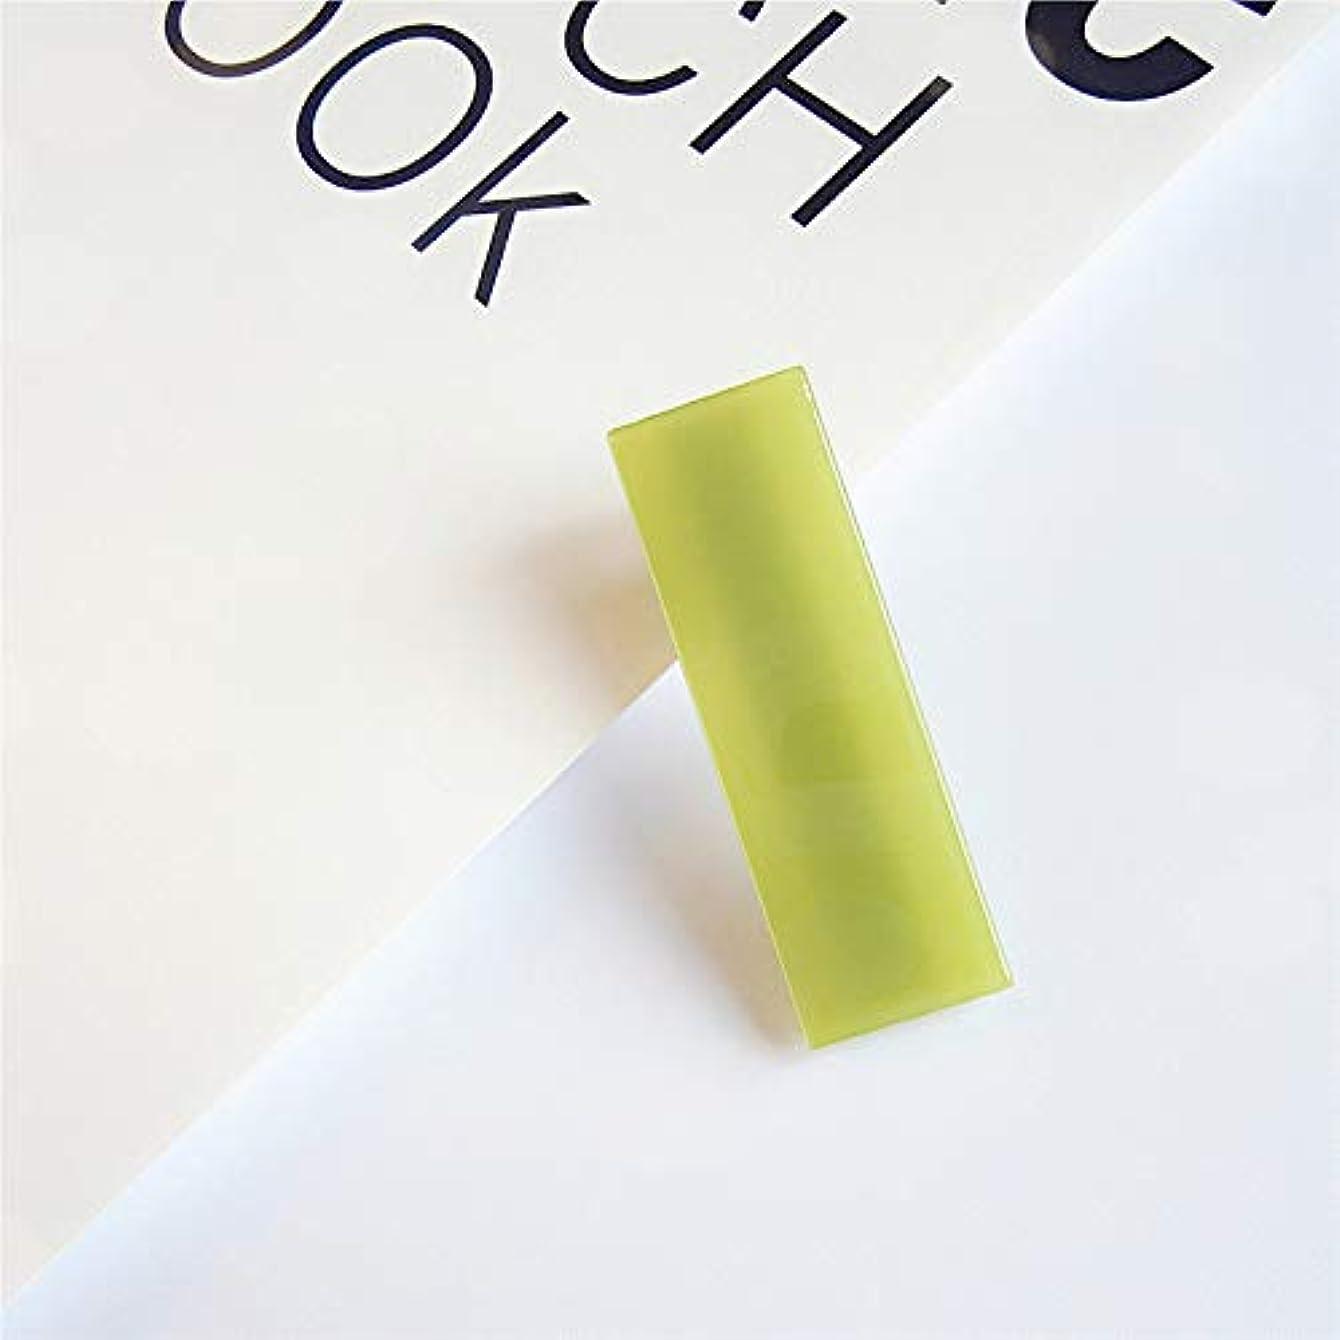 破壊応じる羊のHuaQingPiJu-JP 1 Pcシンプルなエレガントなヘアクリップファッションアクセサリー(ライトグリーン)